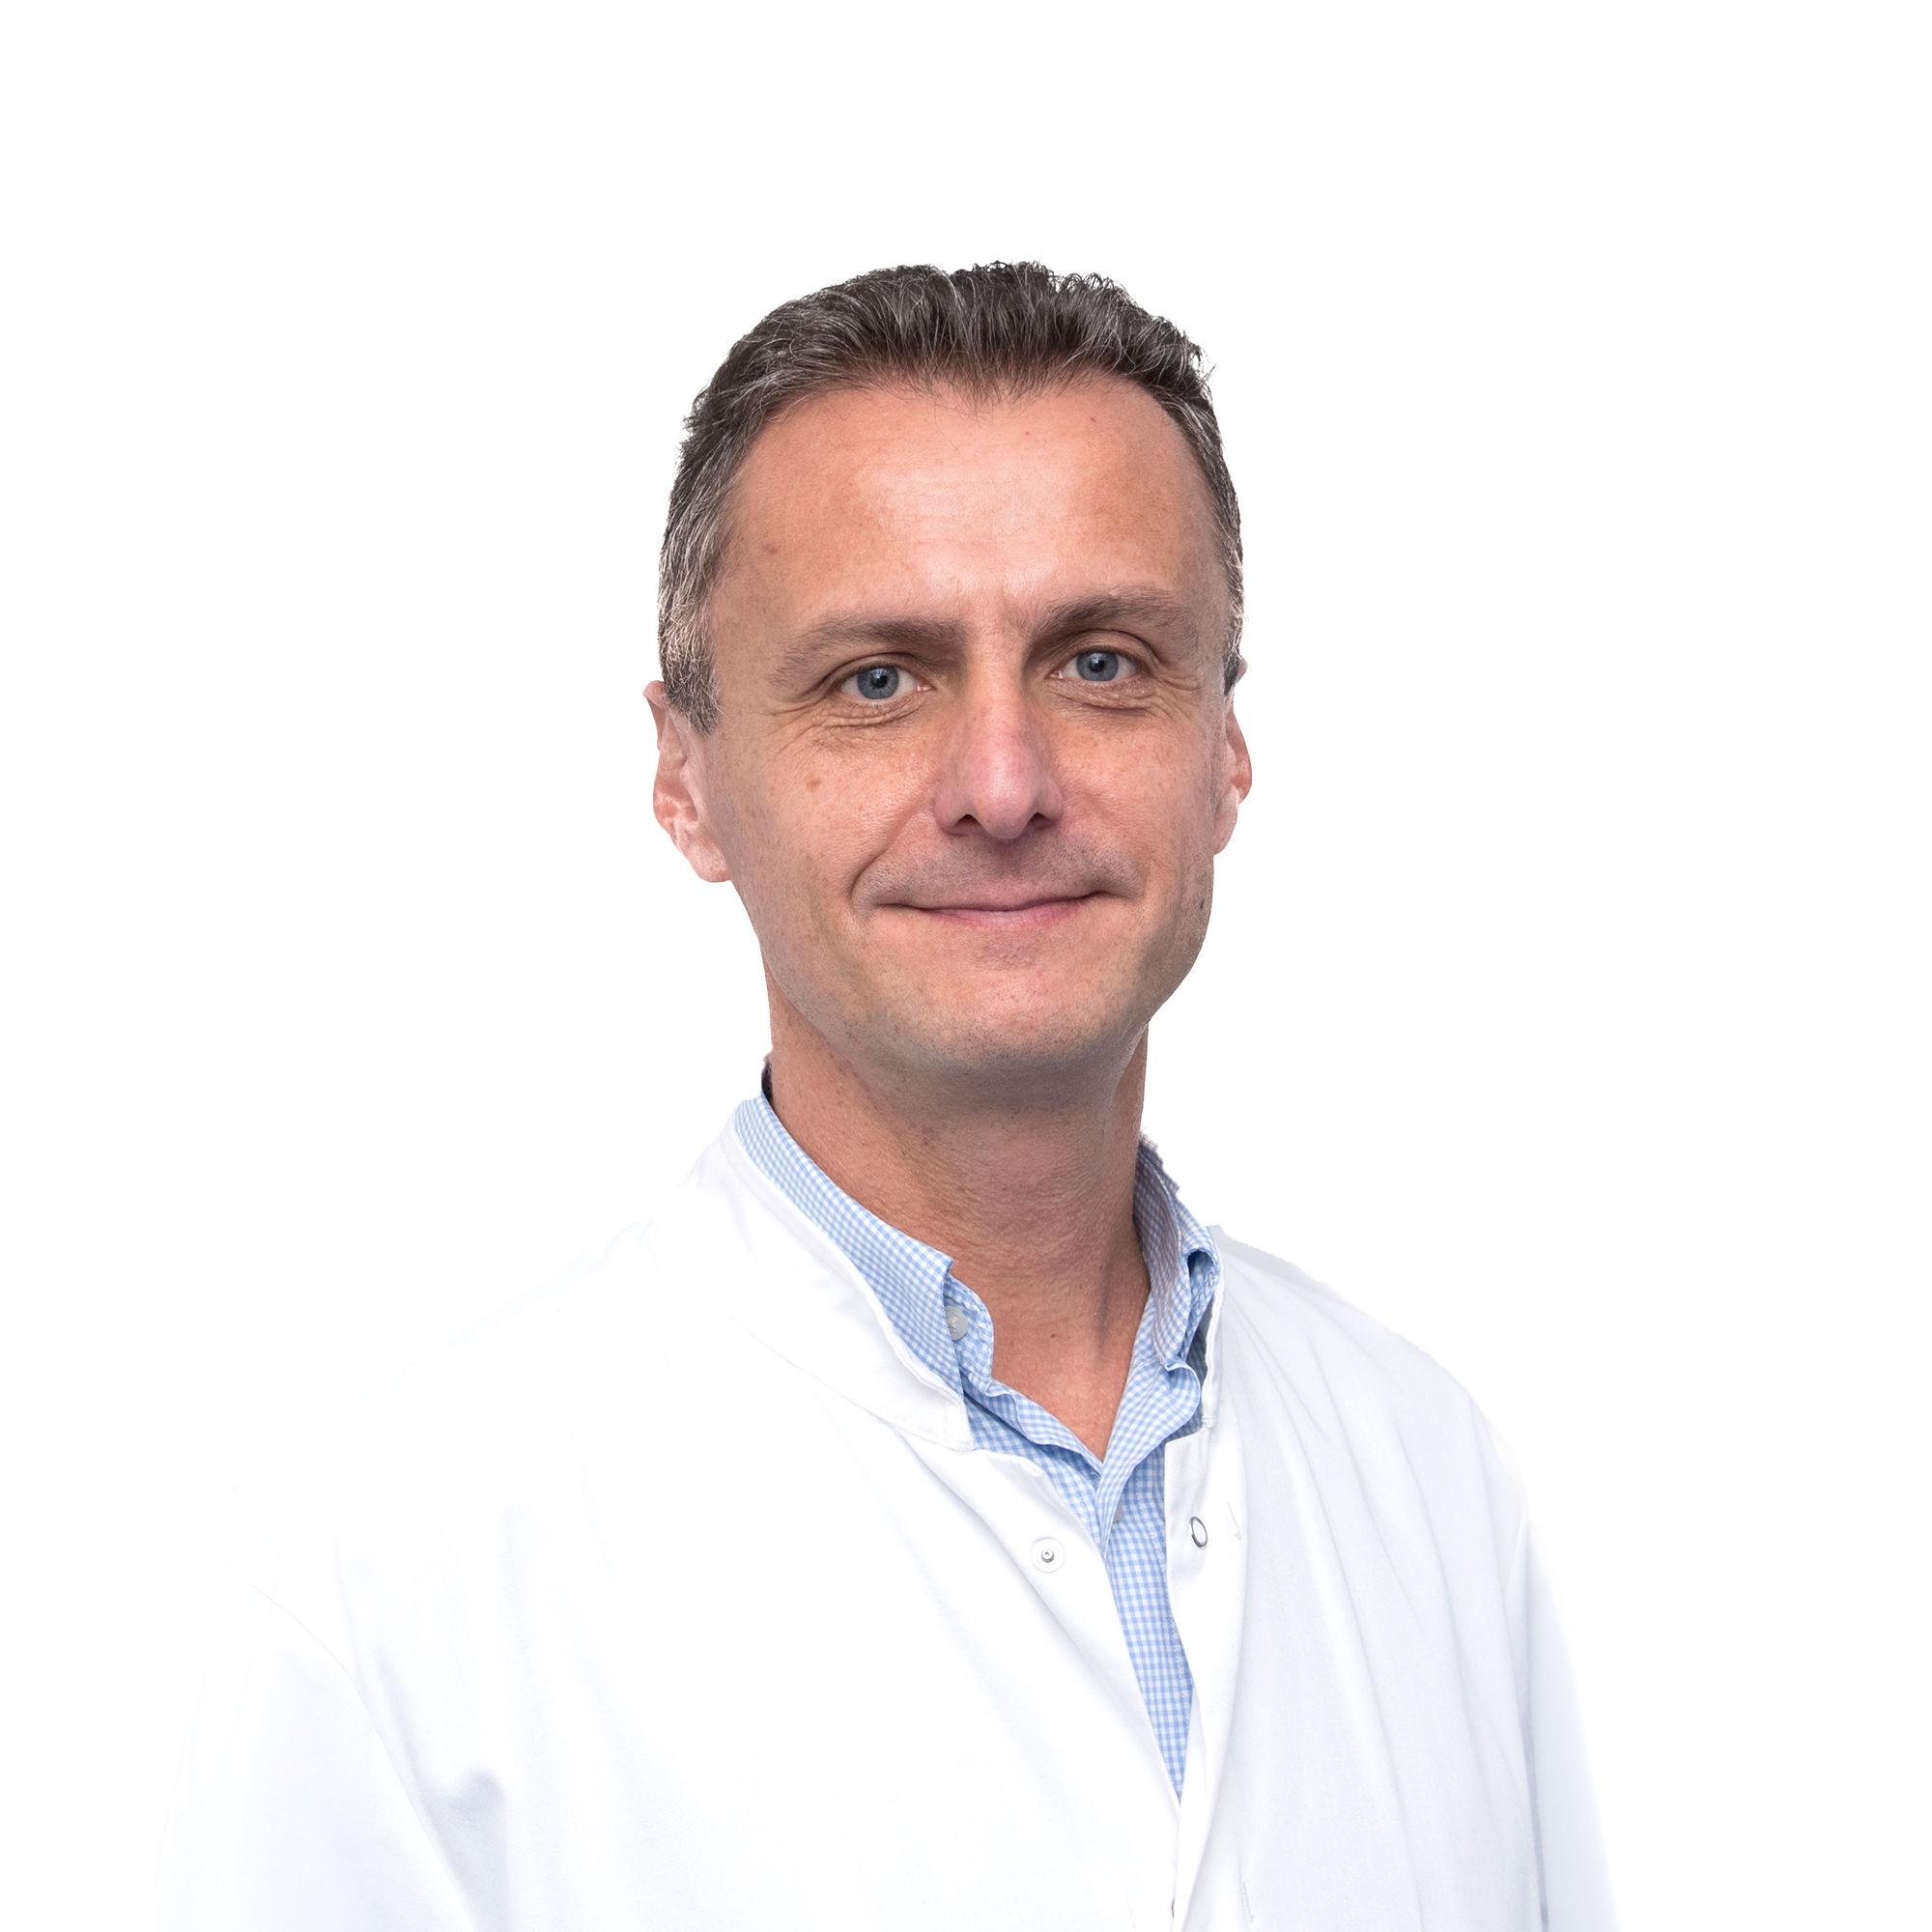 Terrefort - Imagerie médicale - Docteur Machet